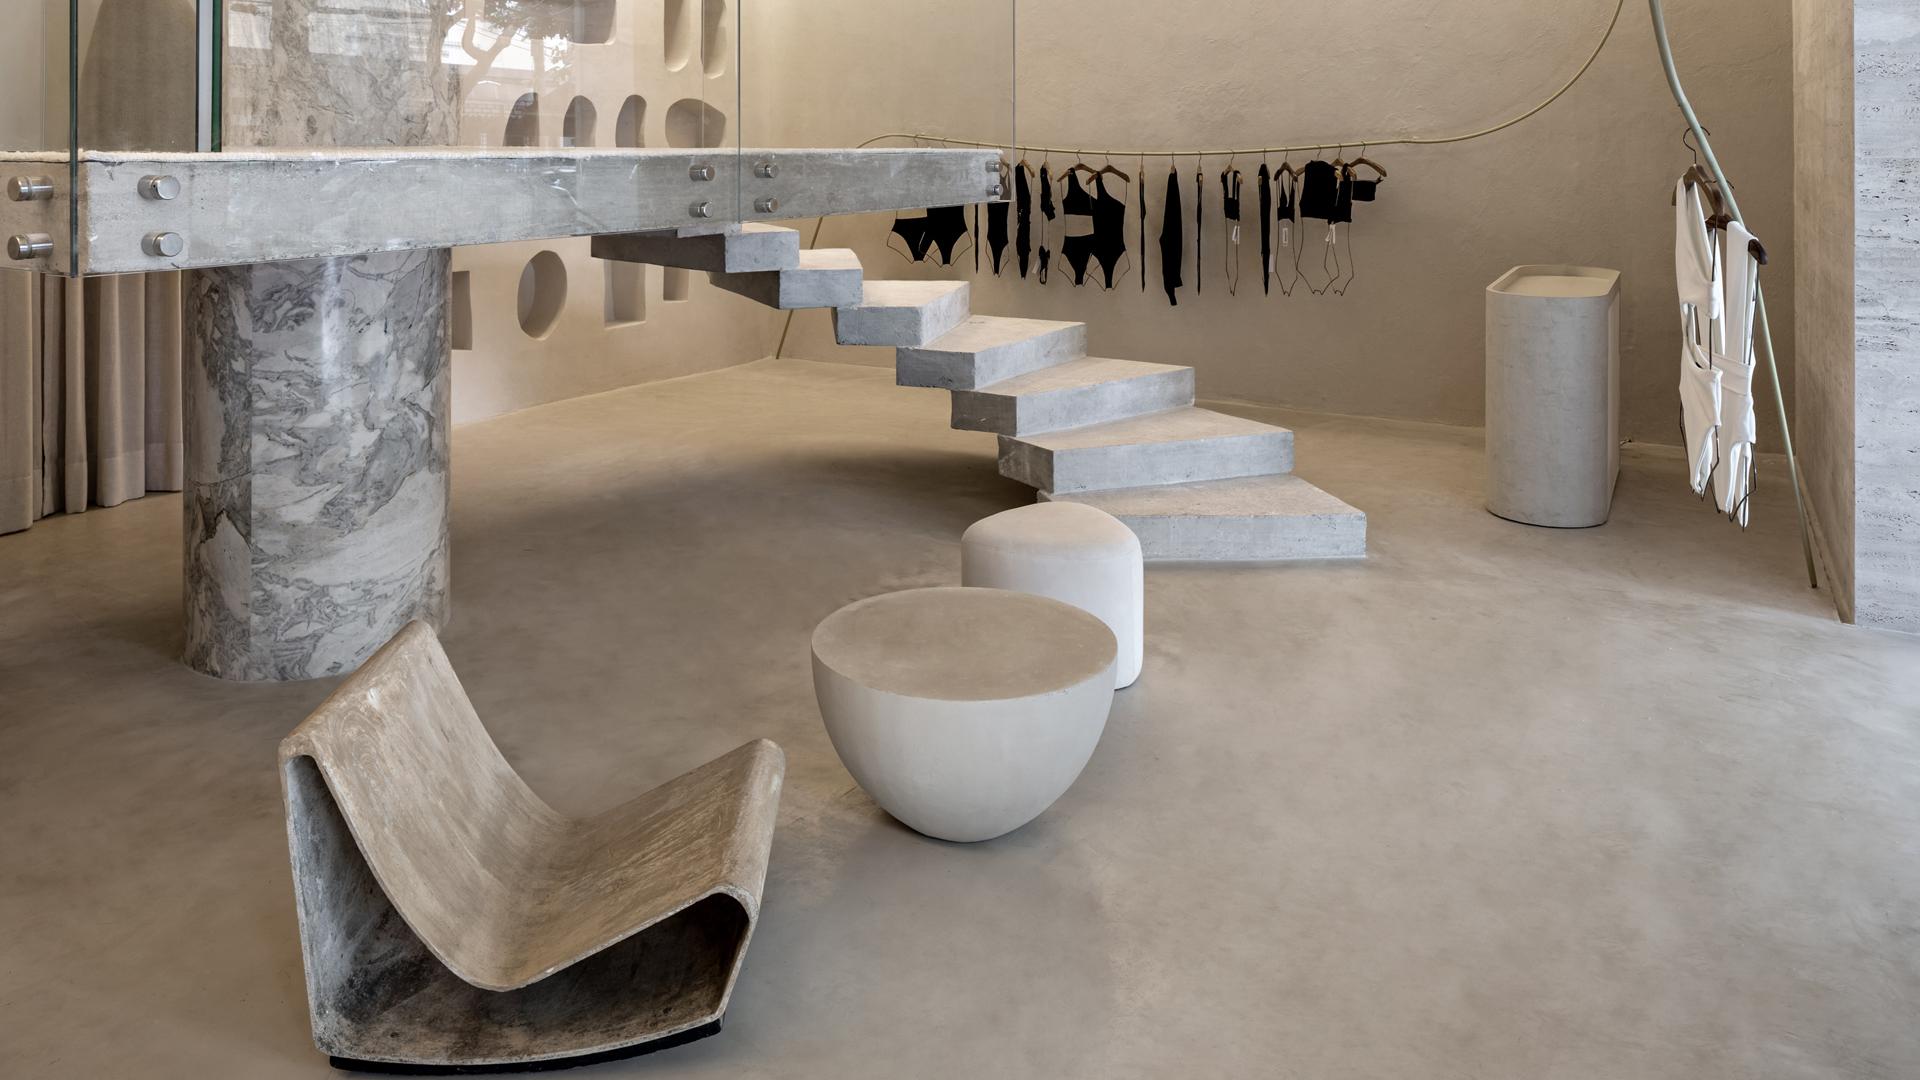 HAIGHT store in Rio de Janeiro by MNMA Studio | HAIGHT Store | MNMA Studio | STIR